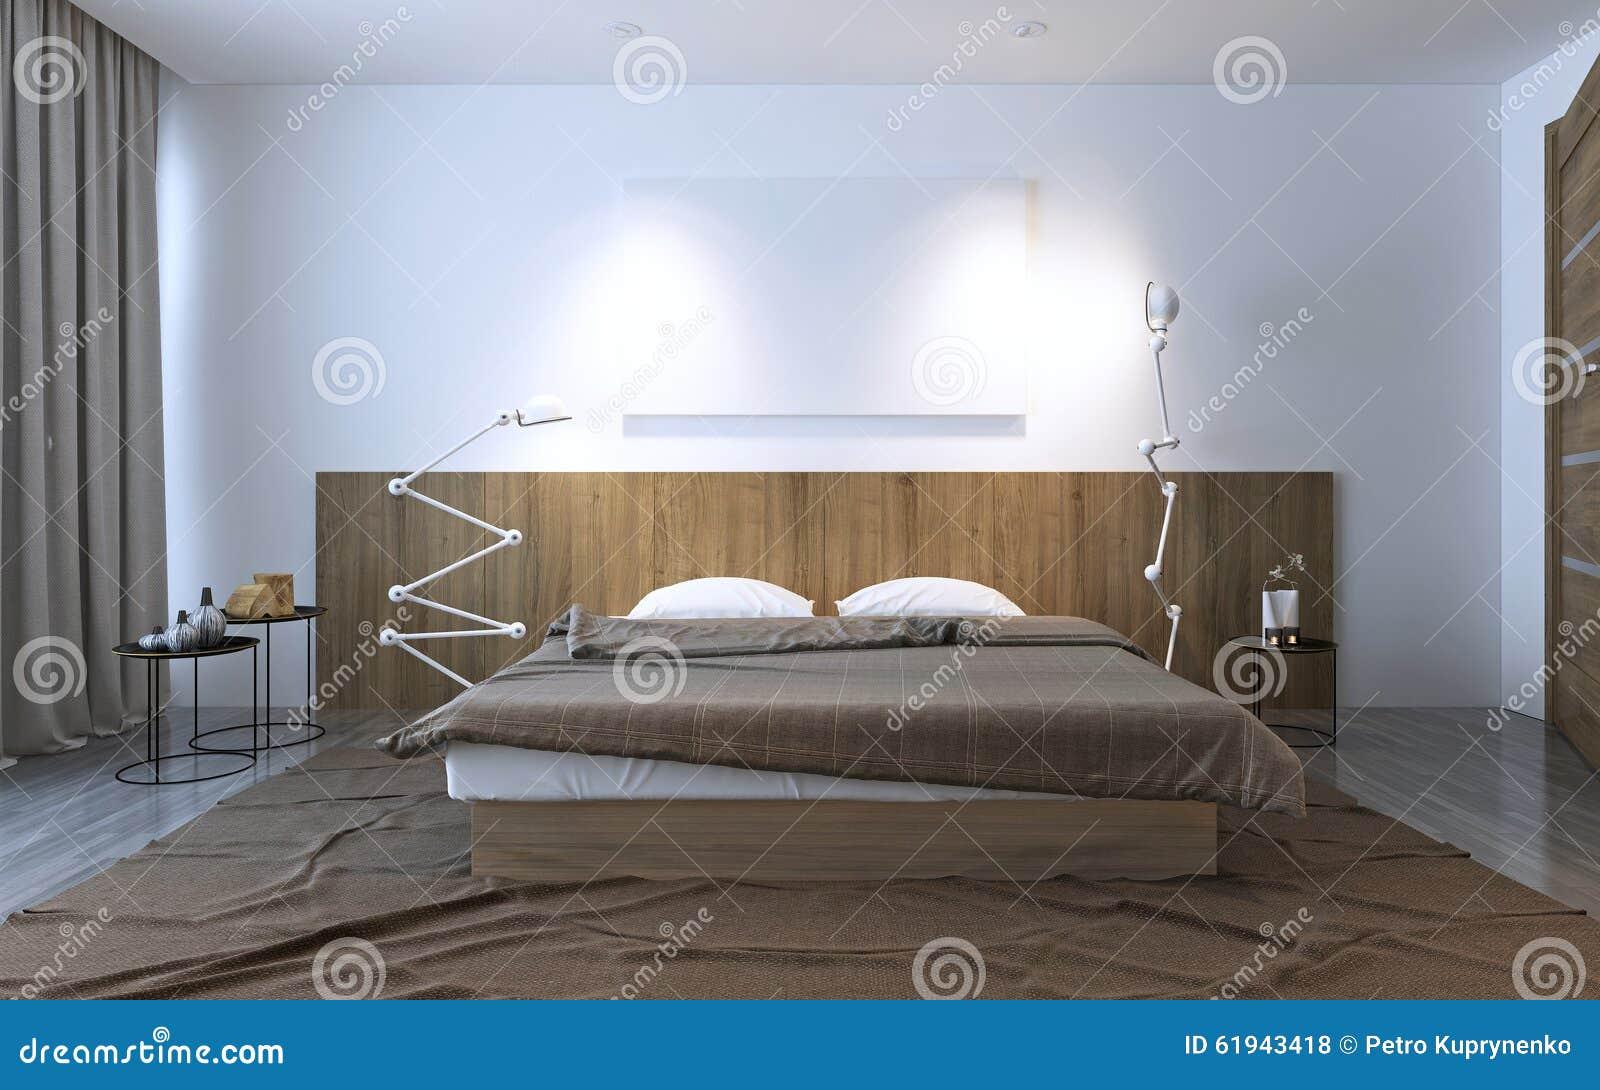 Idee Per Imbiancare Camera Da Letto. Free Pitturare Casa Idee ...